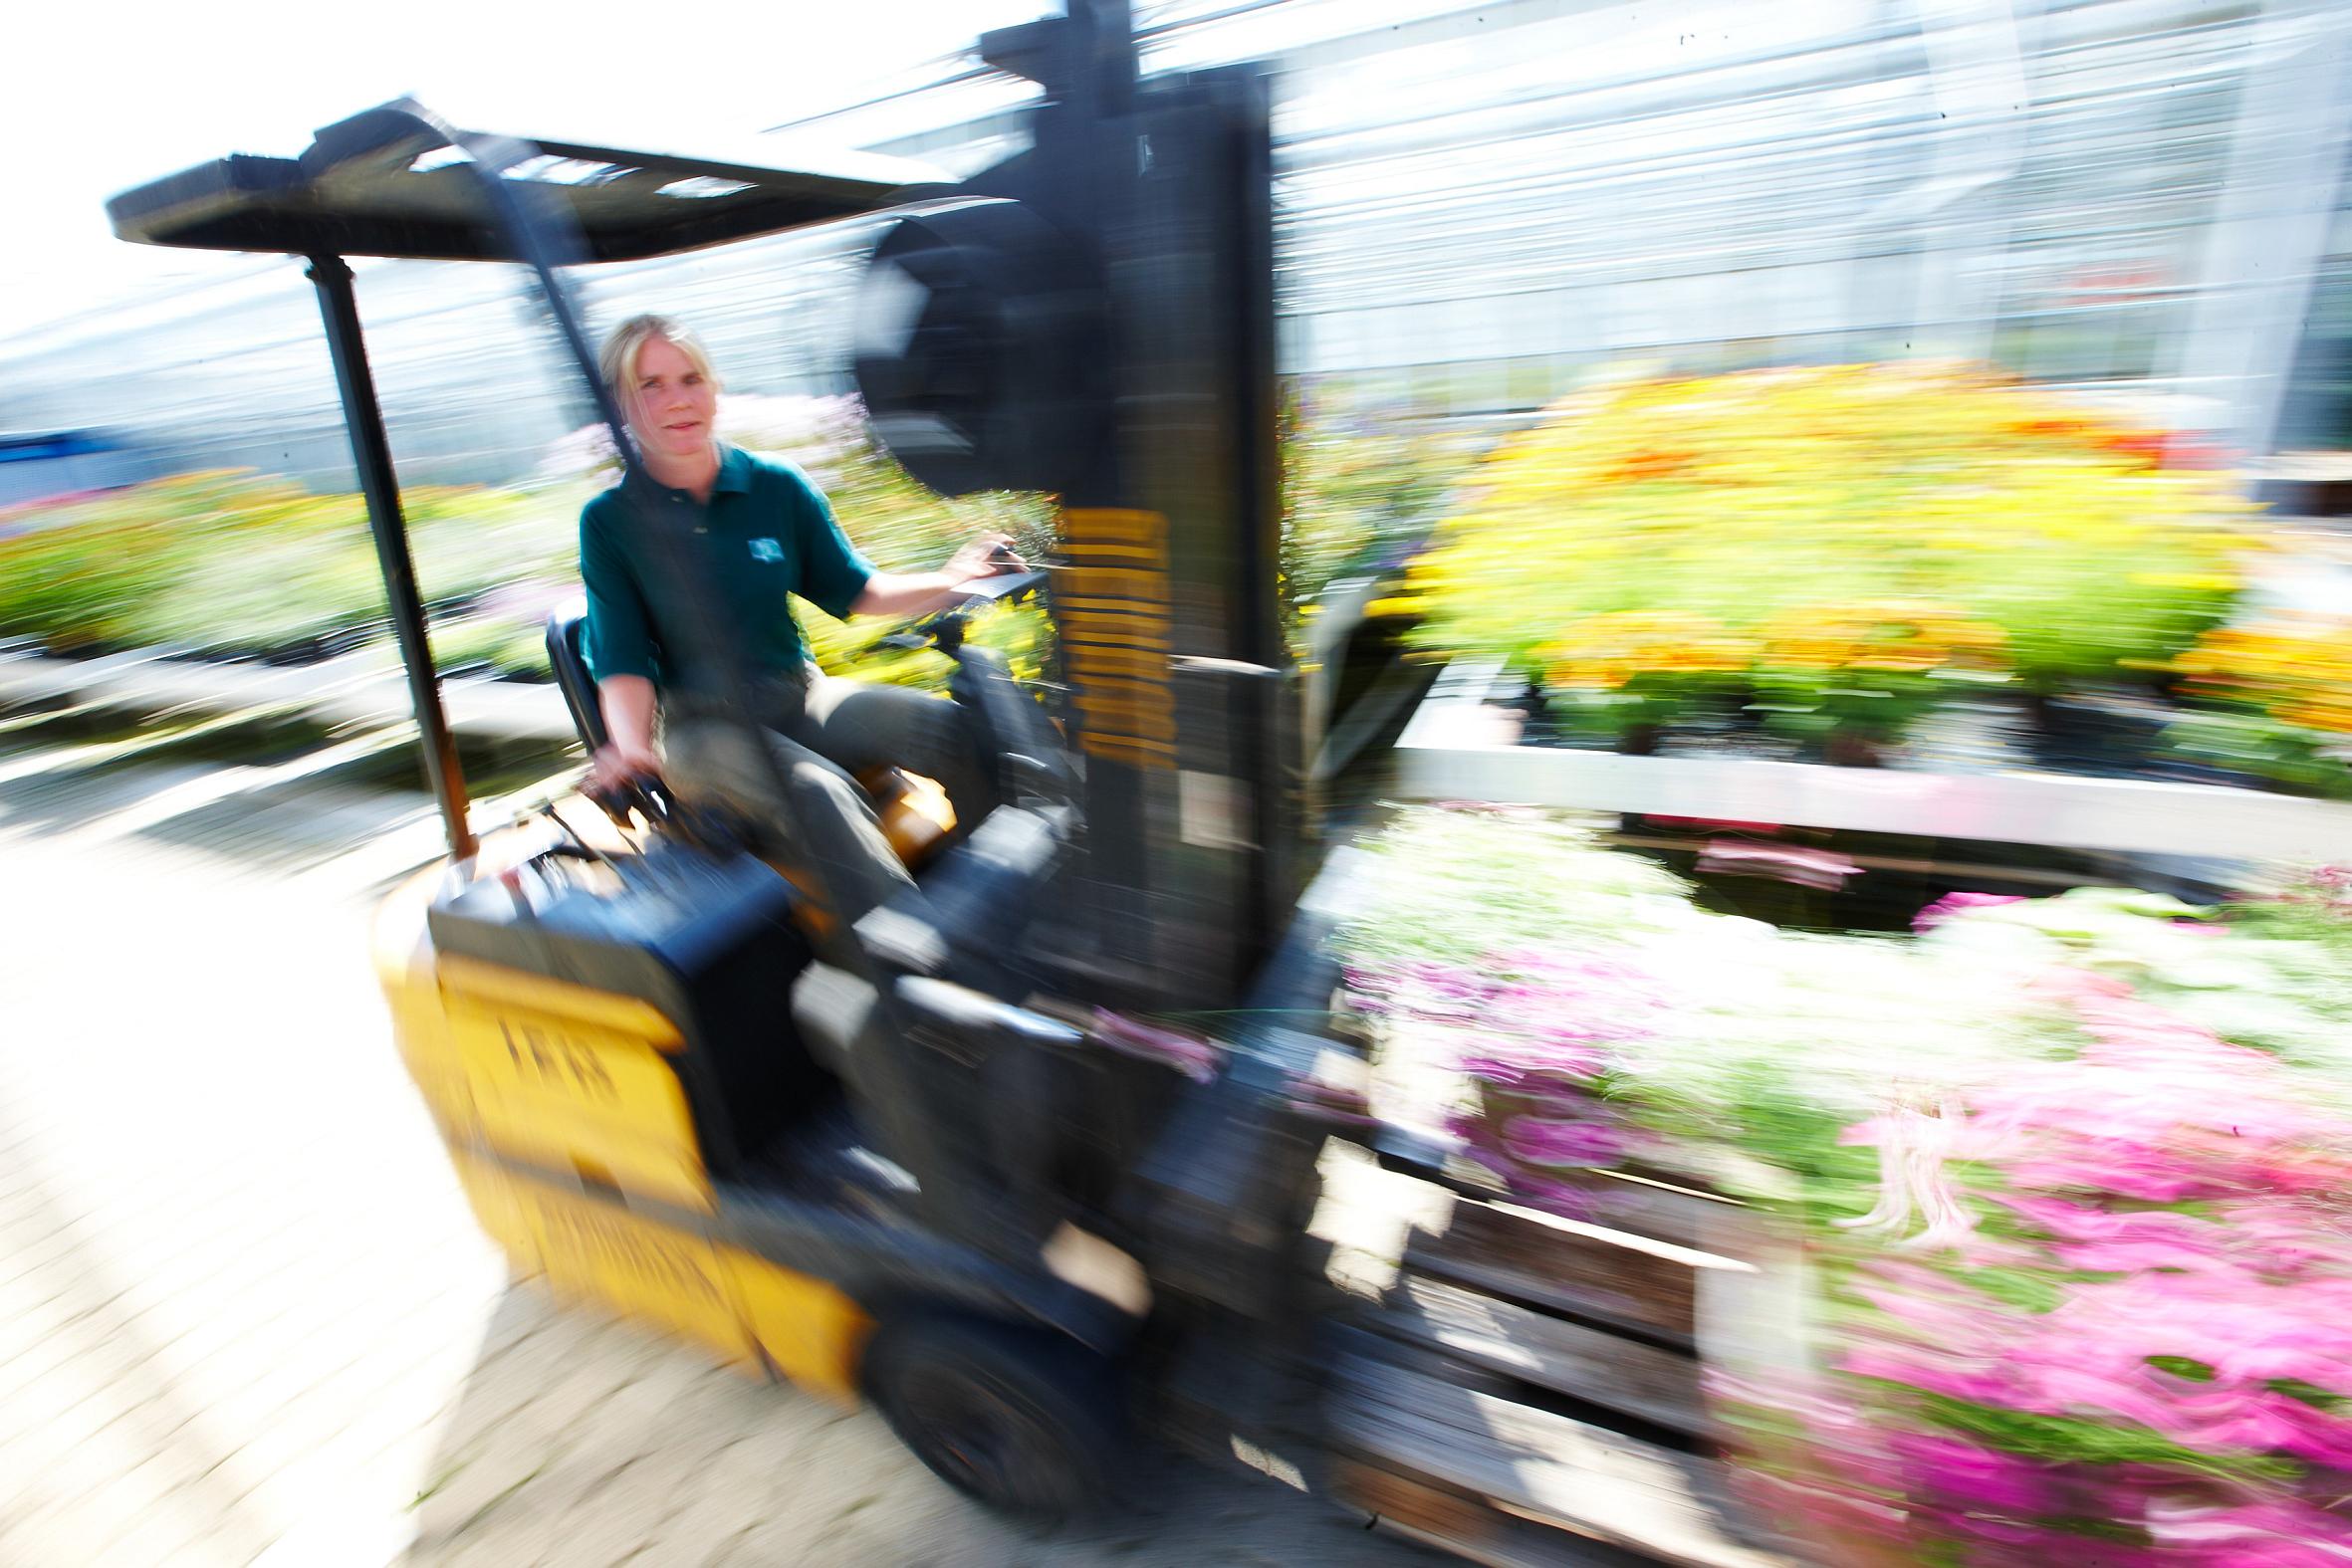 Die Herrscher der Glashäuser – Zierpflanzengärtner haben einen abwechslungsreichen Beruf und ein Händchen fürs Schöne